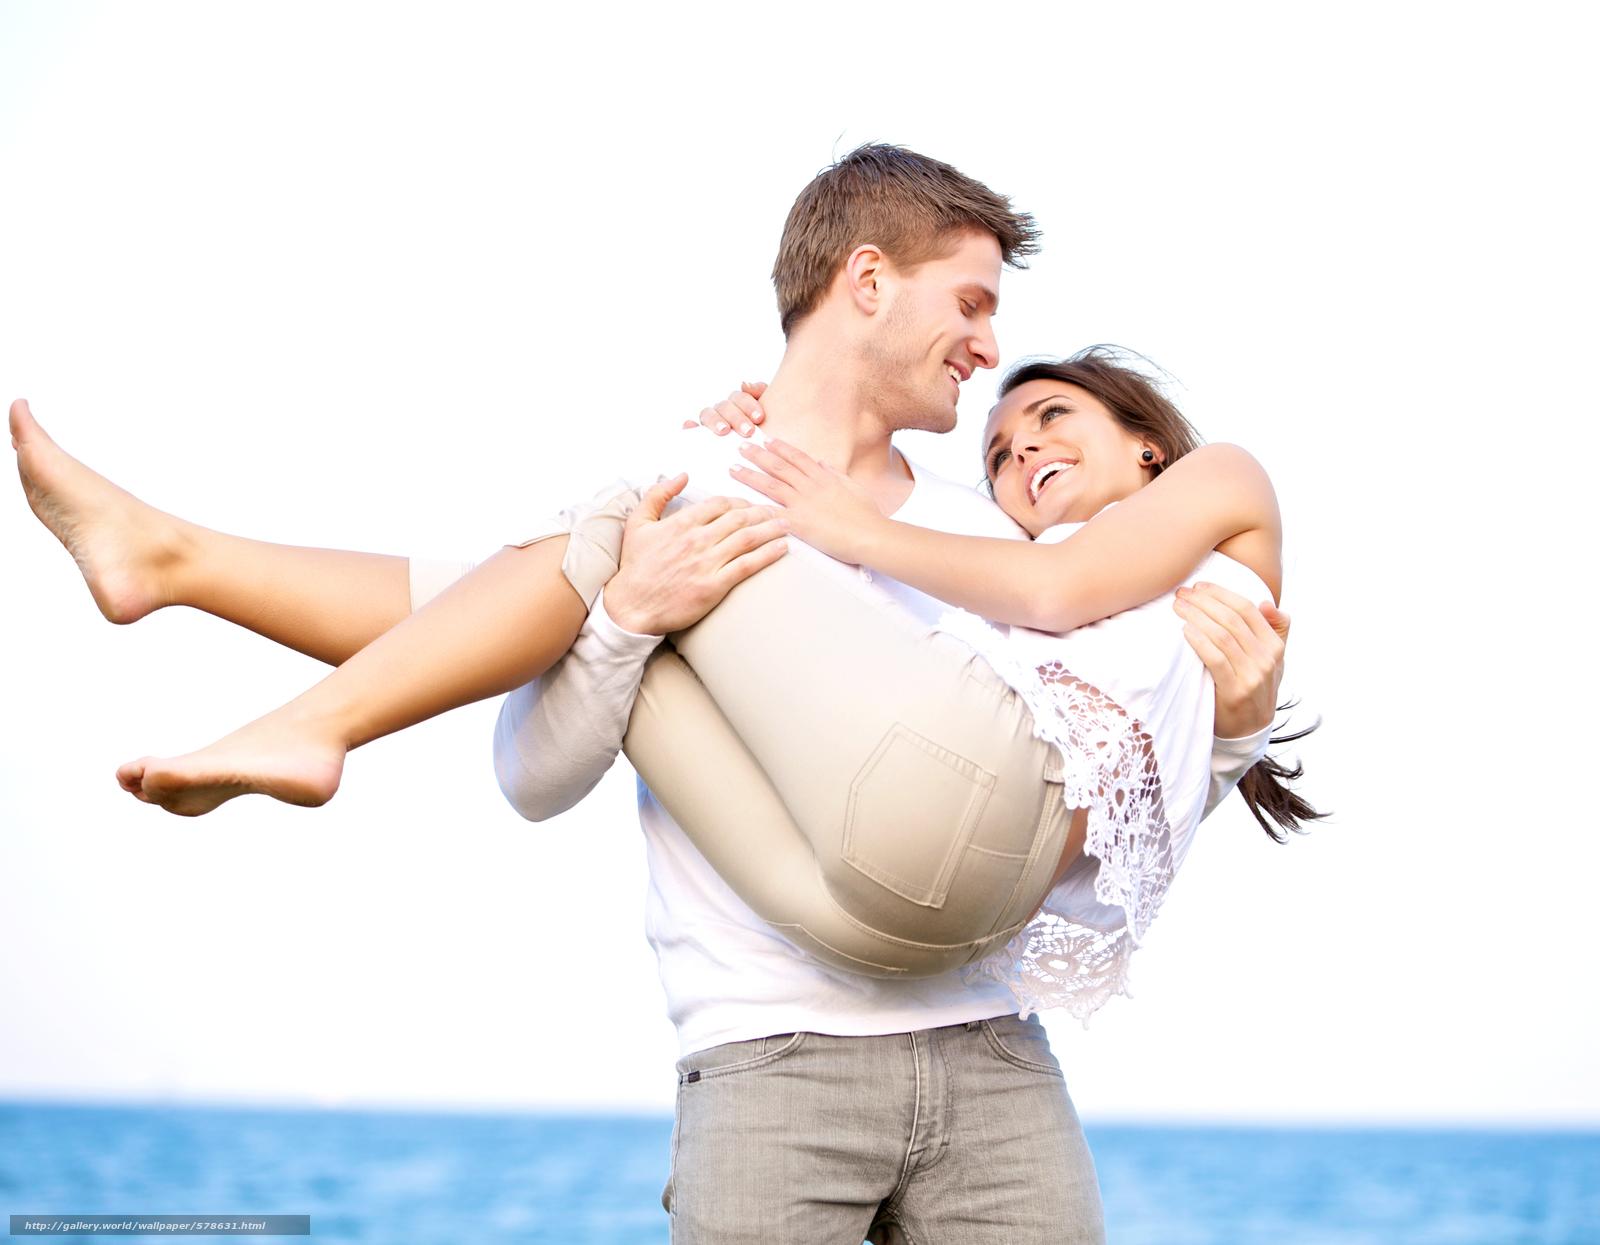 Скачать обои берег,  девушка,  любовь,  парень бесплатно для рабочего стола в разрешении 4653x3622 — картинка №578631